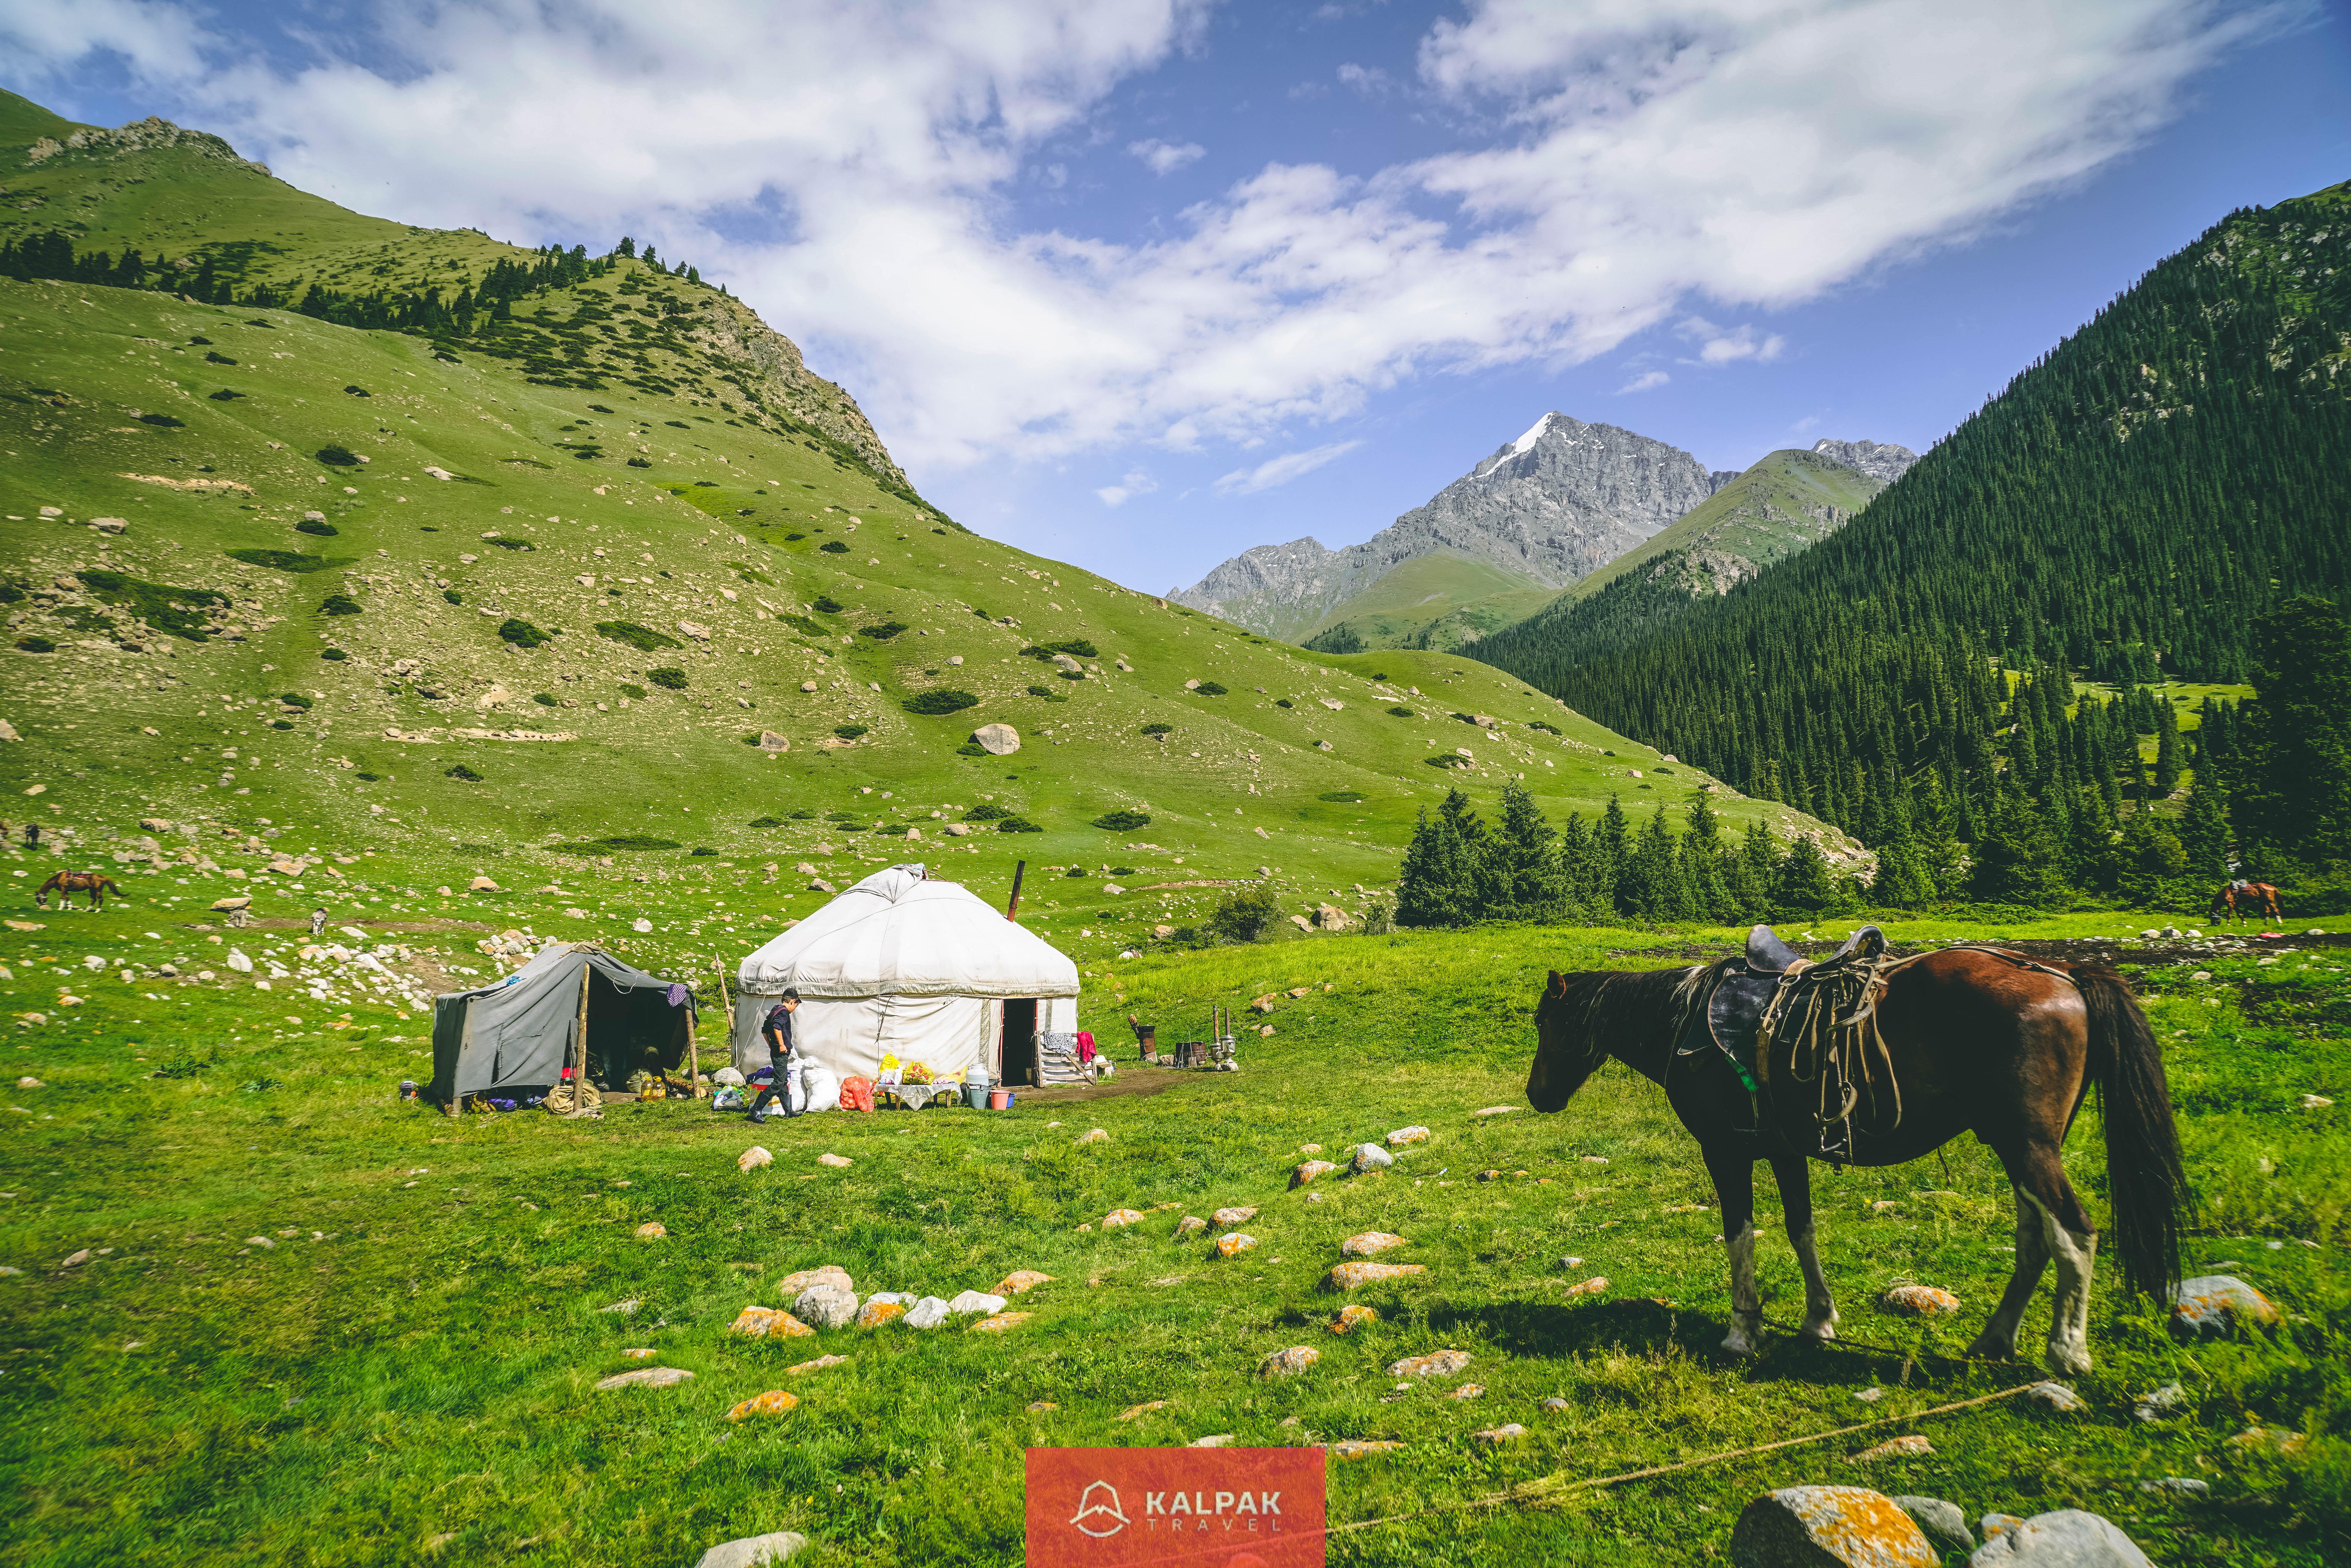 Horse Riding in Kyrgyzstan